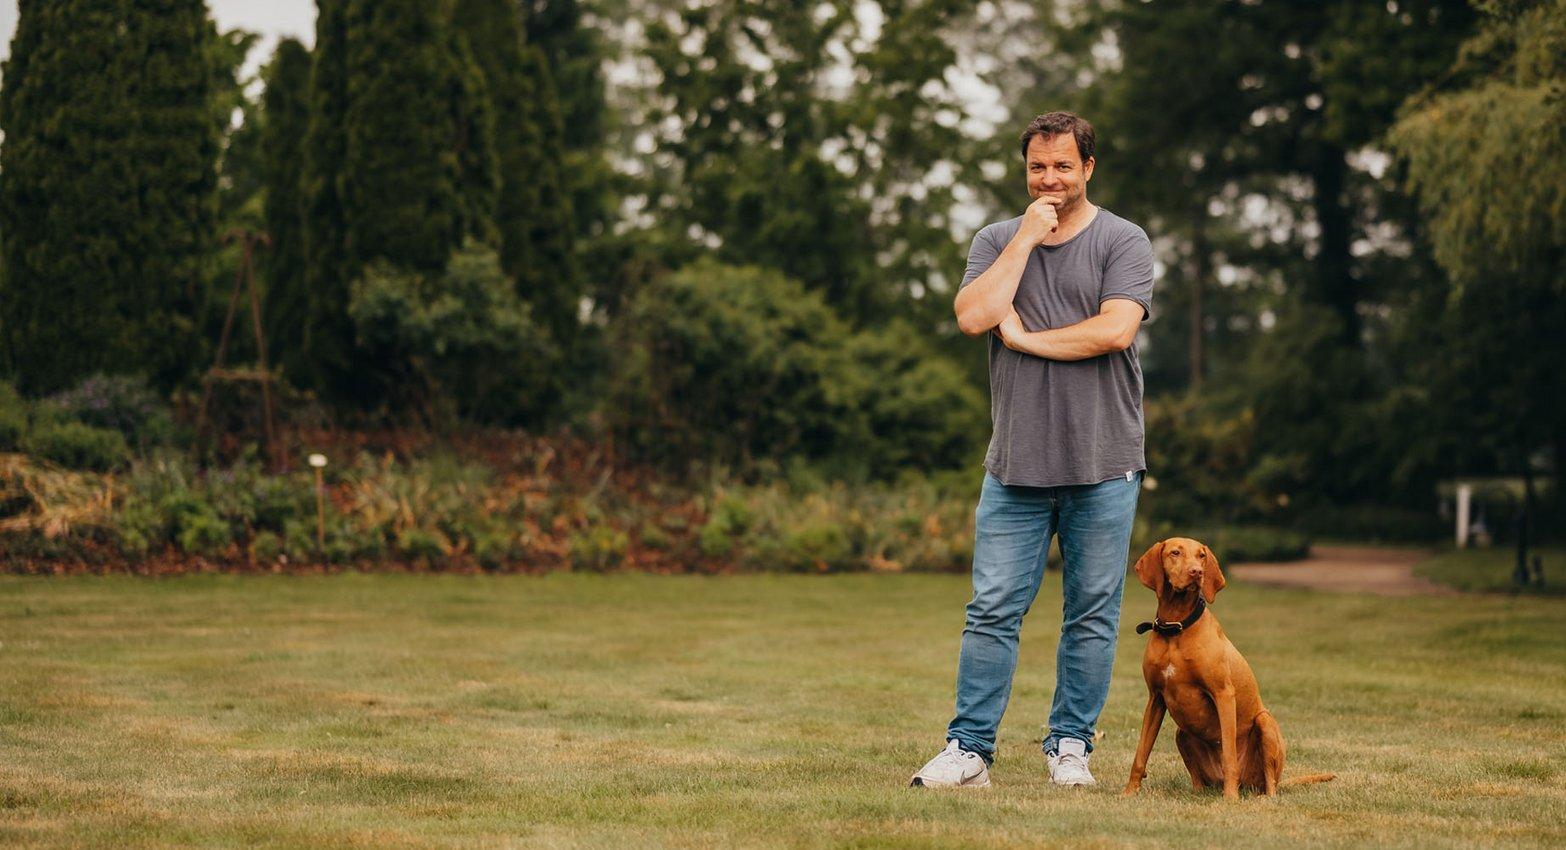 Mann mit Hund, Martin Rütter, Garten, Natur